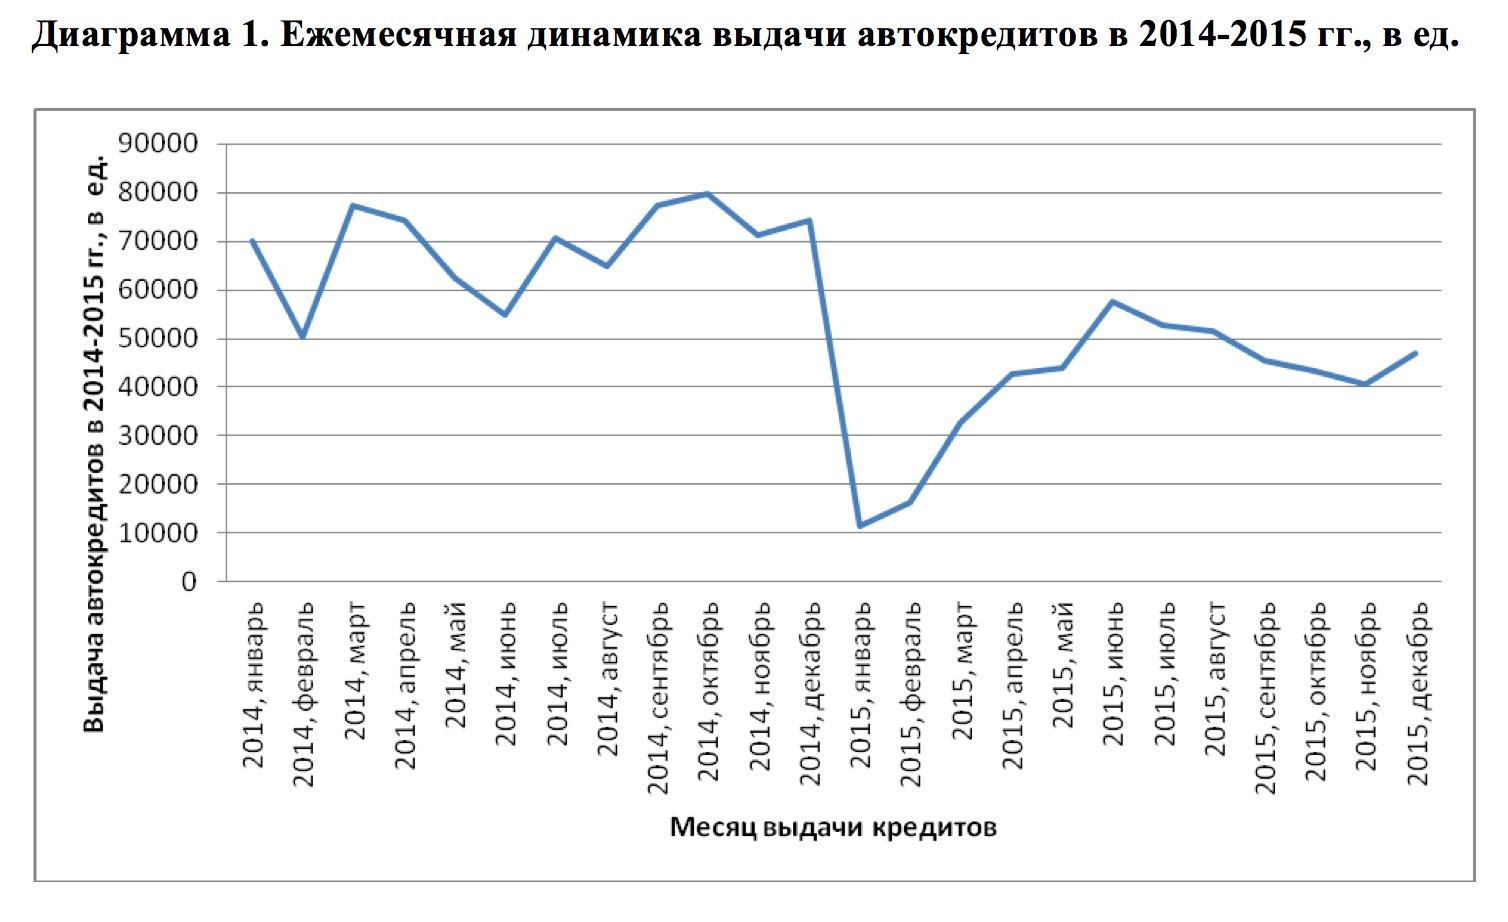 В 2015 году количество выданных автокредитов уменьшилось на 41 процент (диаграмма)